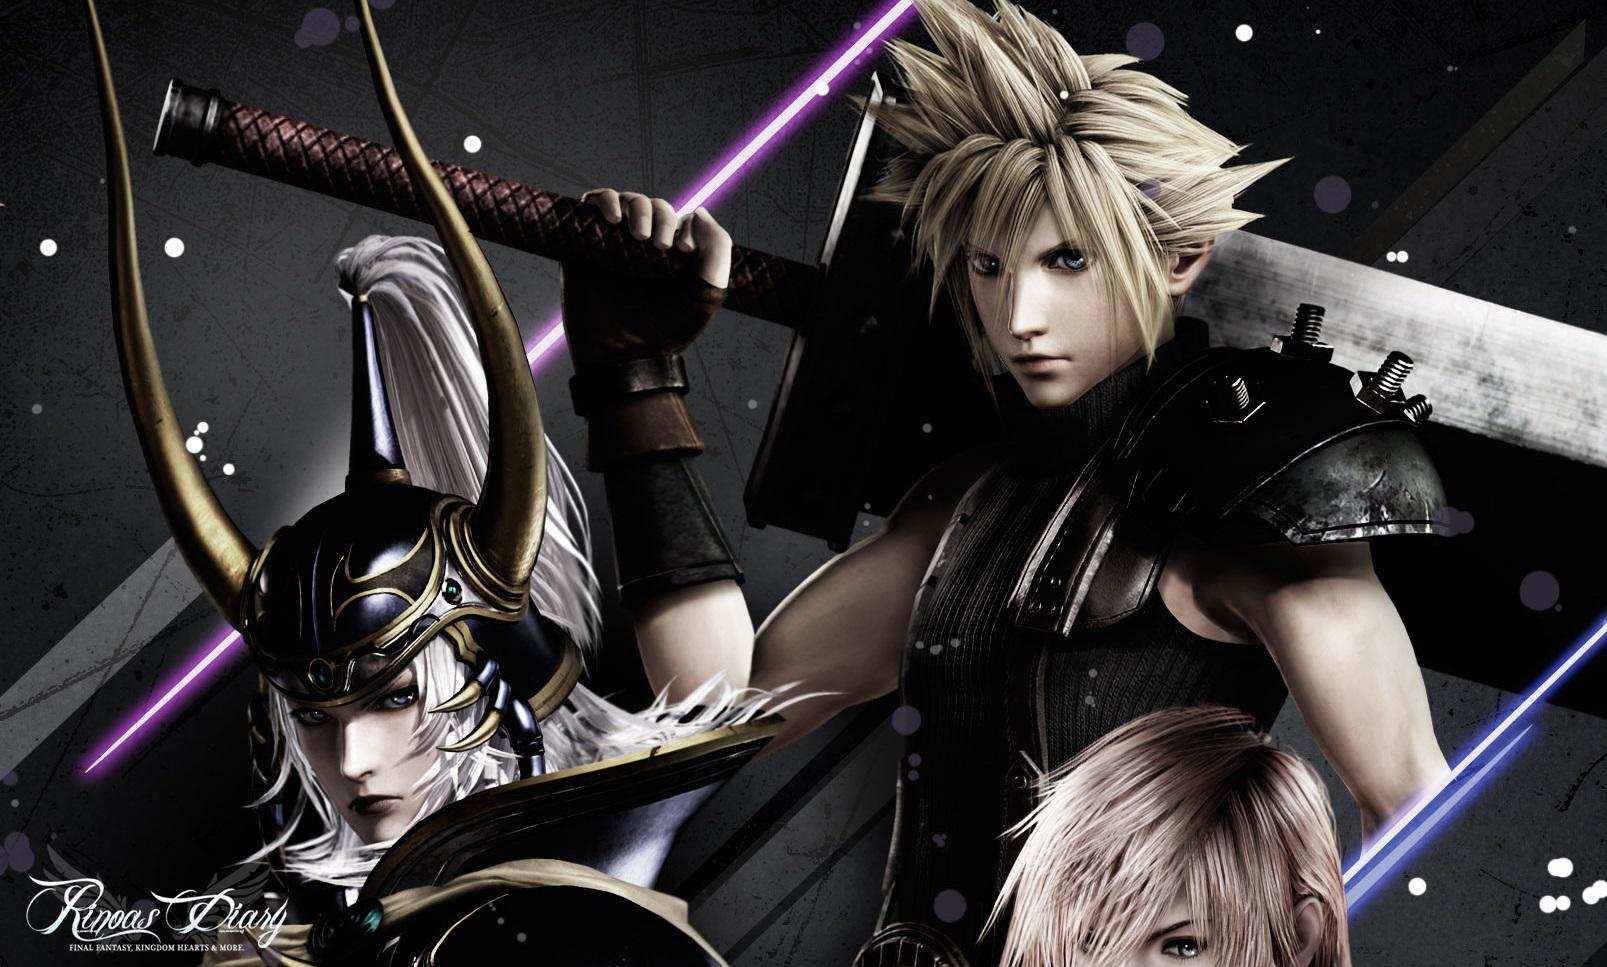 La Ultimate Edition di Dissidia Final Fantasy NT è prenotabile dallo Store europeo e regala un codice per la Beta